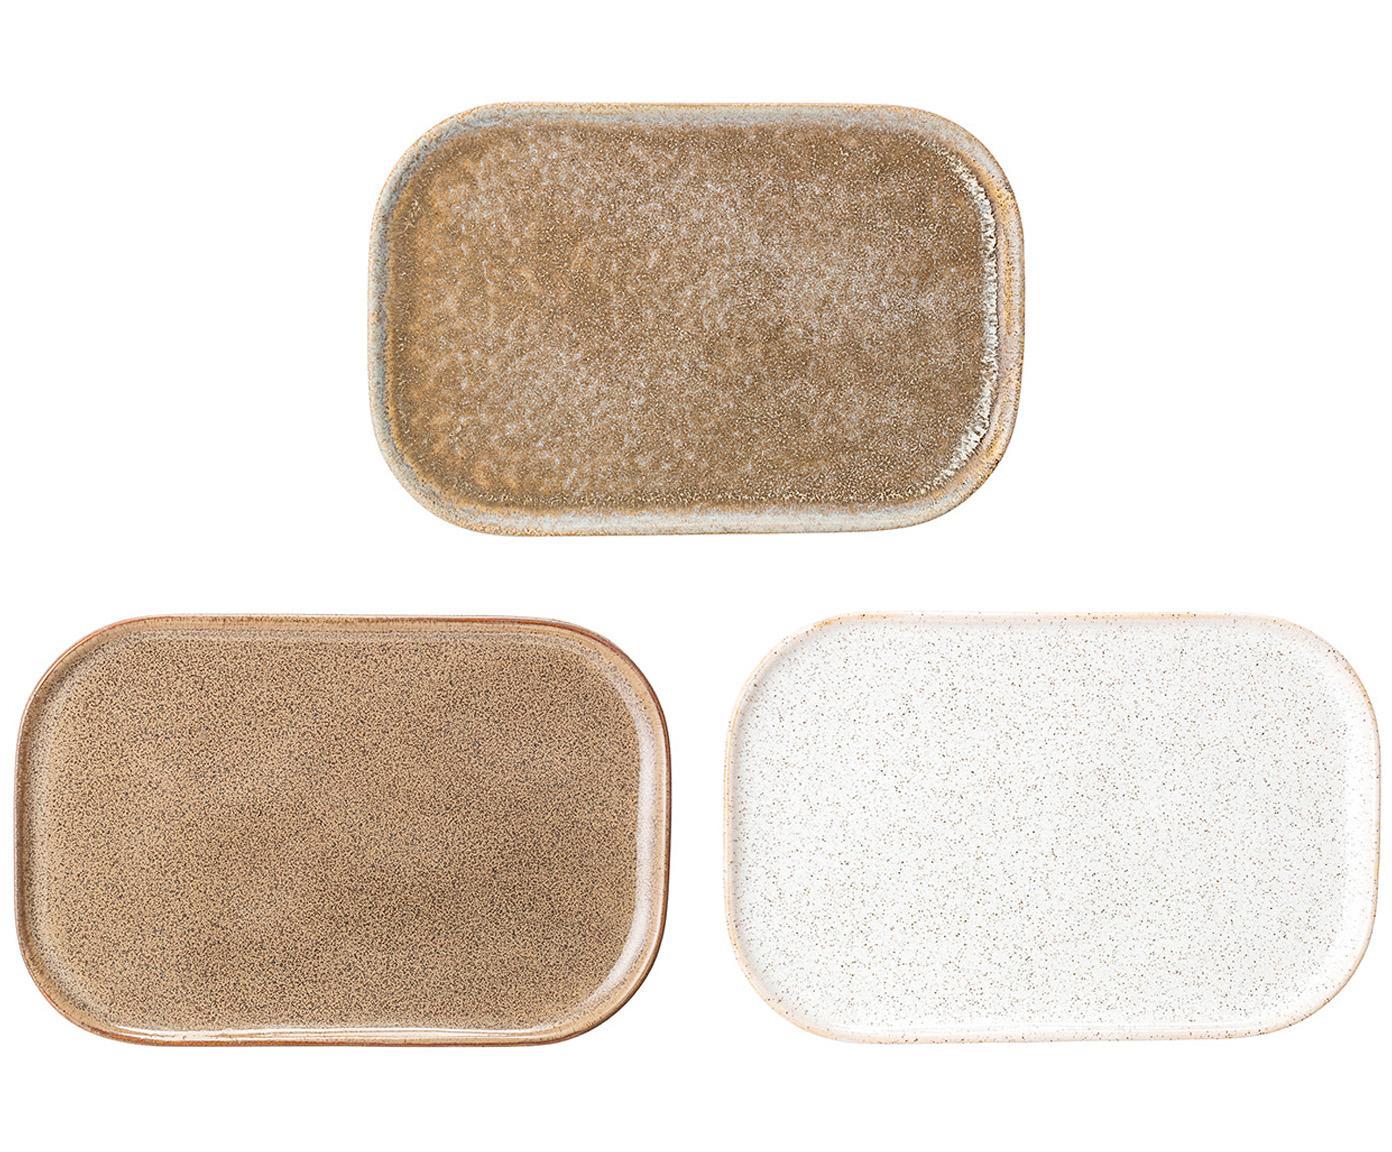 Handgefertigtes Servierplatten-Set Addison, 3-tlg., Steingut, Beige, Weiß, B 15 x T 23 cm